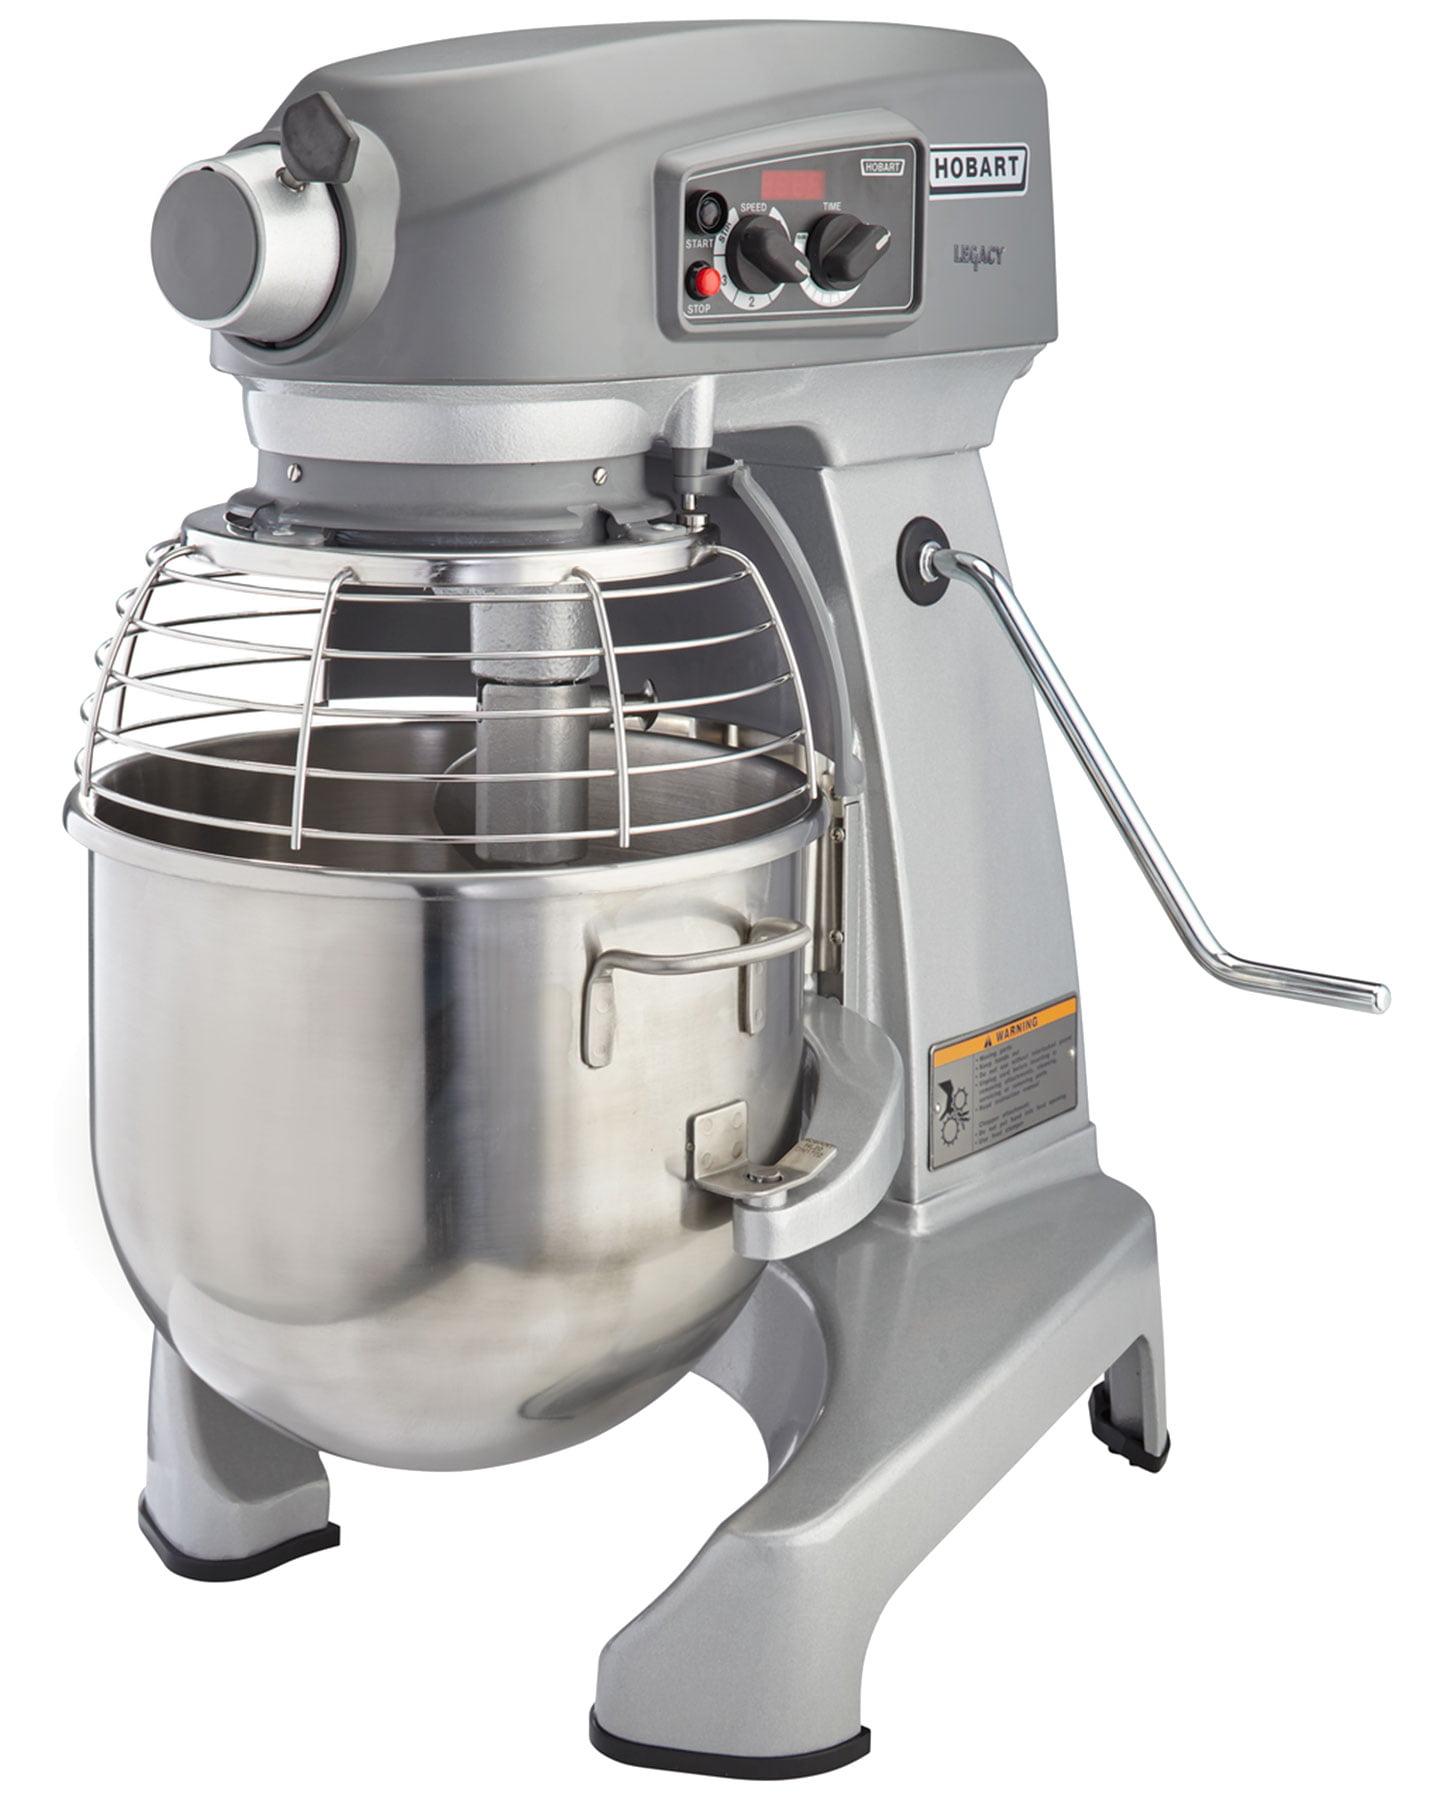 Hobart Countertop Mixer